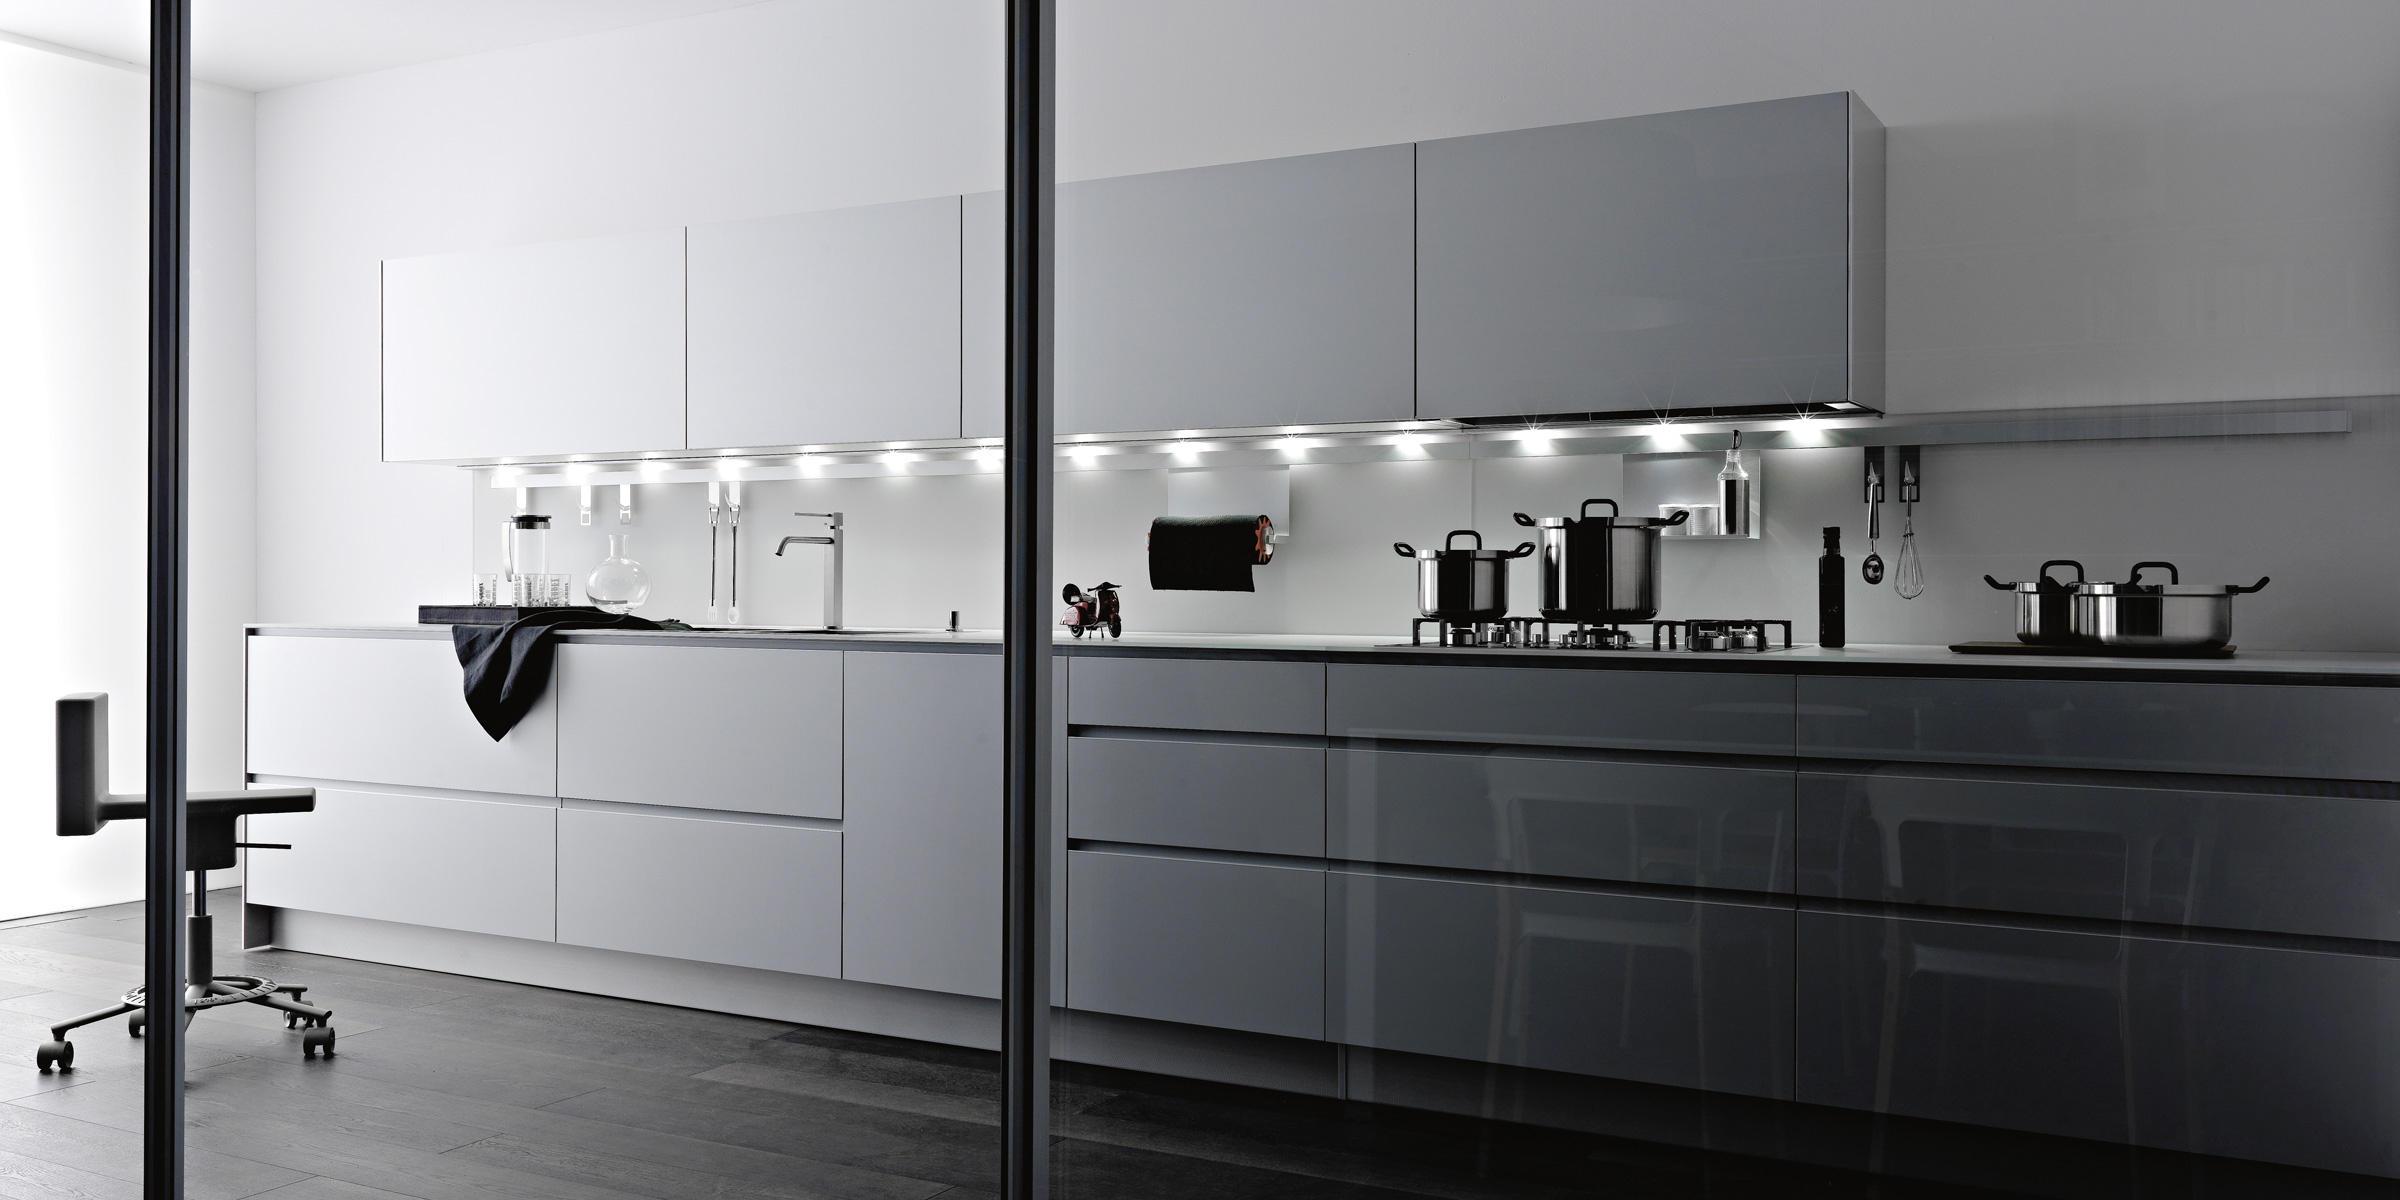 cucine in alluminio - 28 images - forum arredamento it cucina in ...